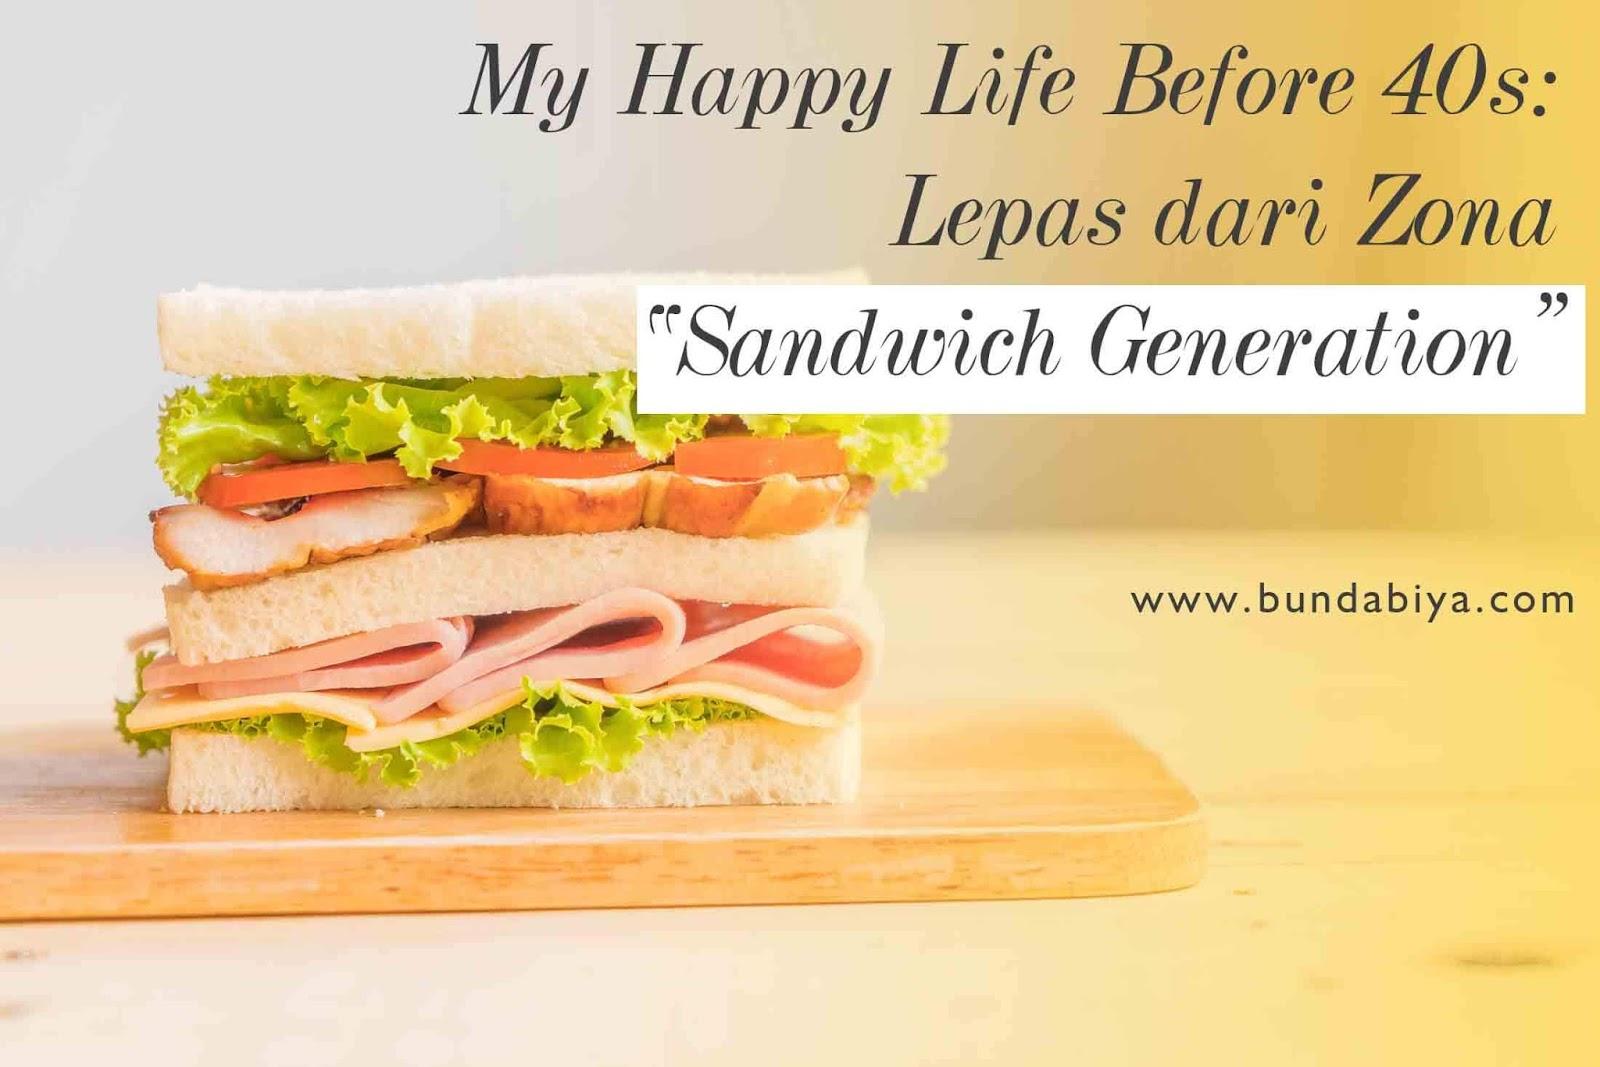 commonwealth life, commlife, unit link, asuransi jiwa, manfaat asuransi, investasi terbaik, sandwich generation, solusi untuk sandwich generation, keluar dari lingkaran sandwich generation, happy life before 40s